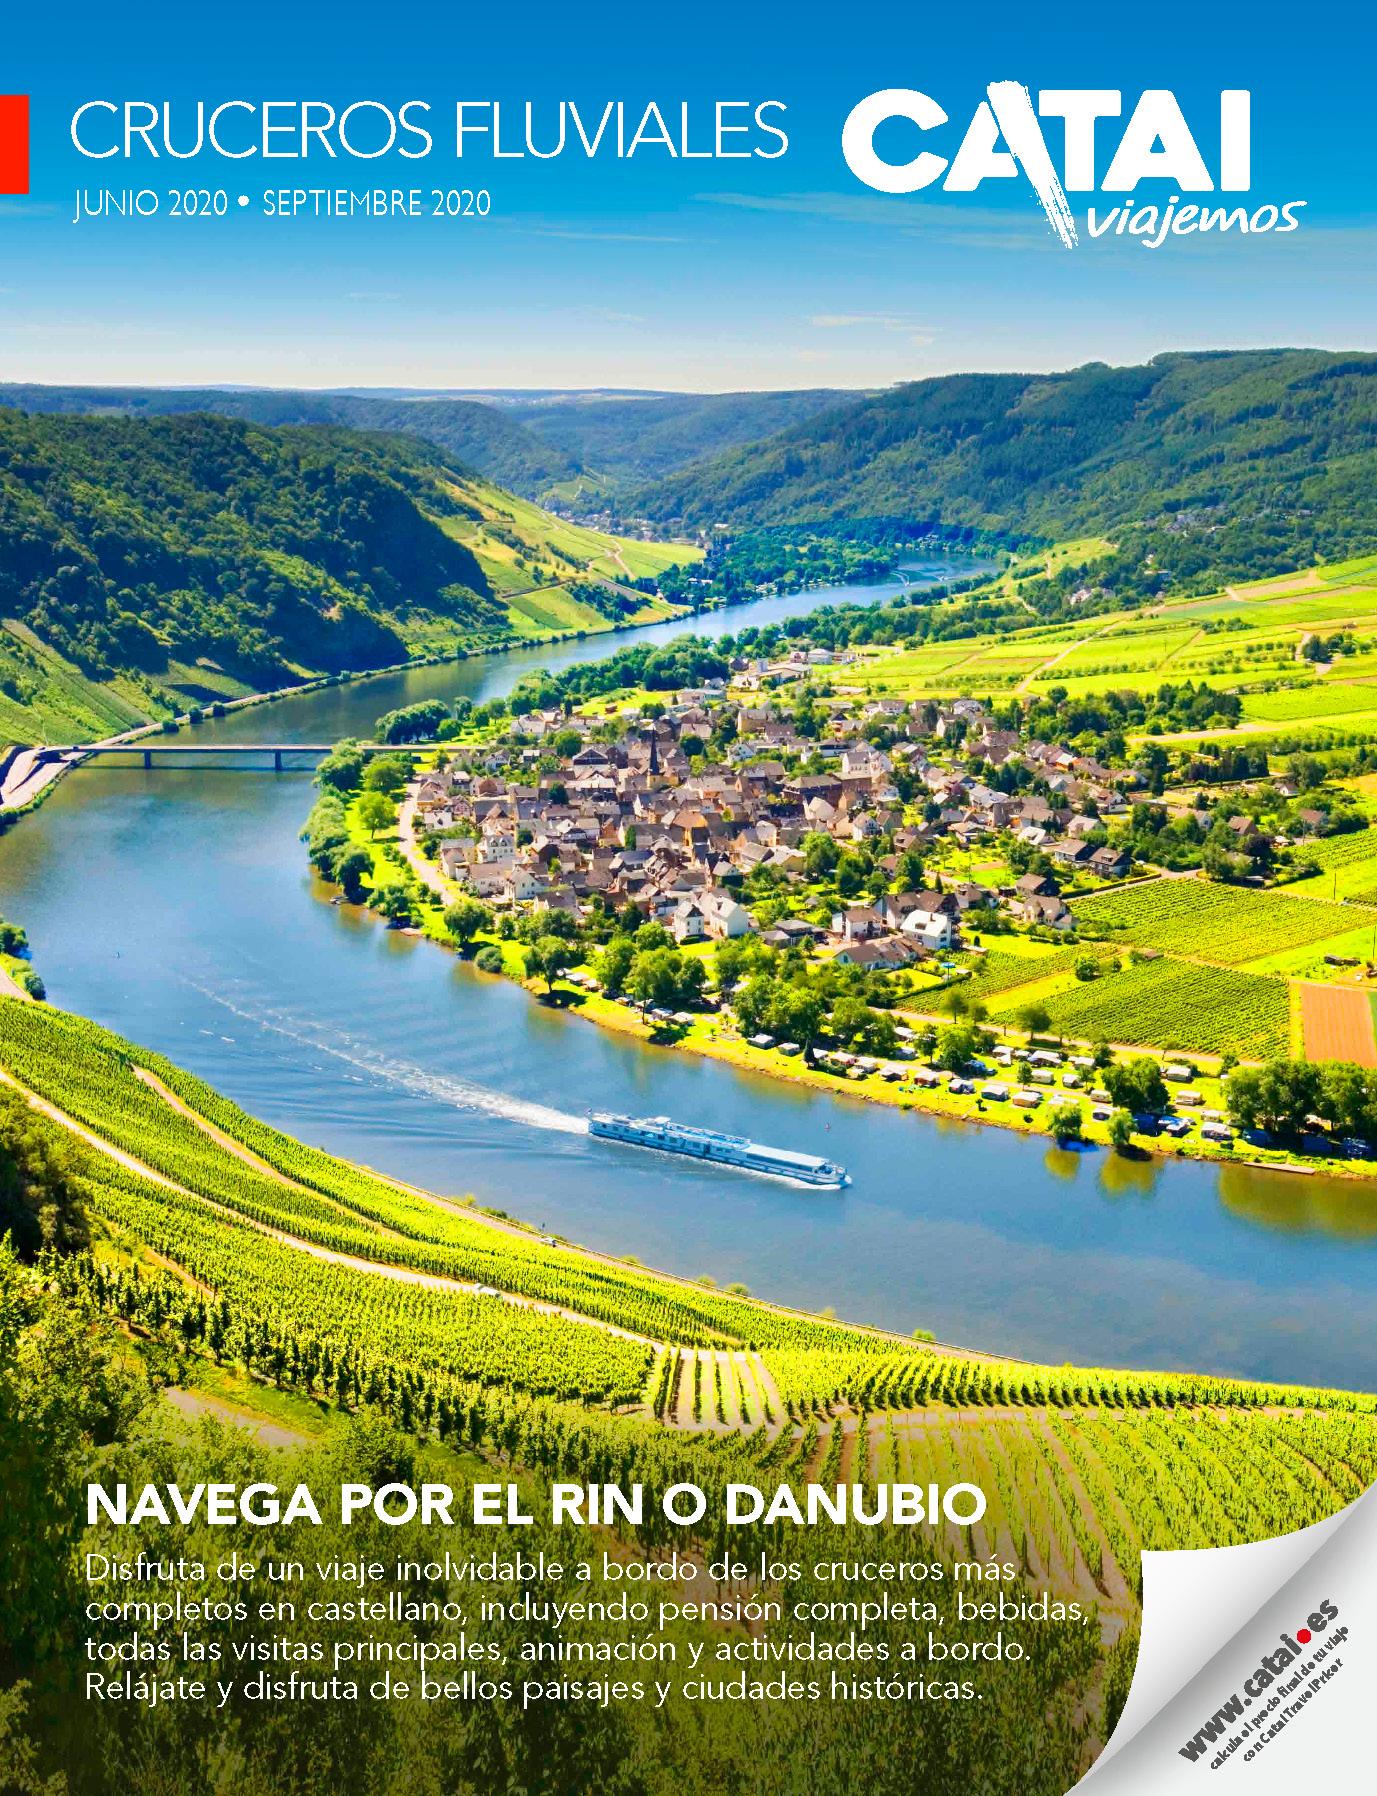 Catalogo Catai Cruceros Fluviales 2020